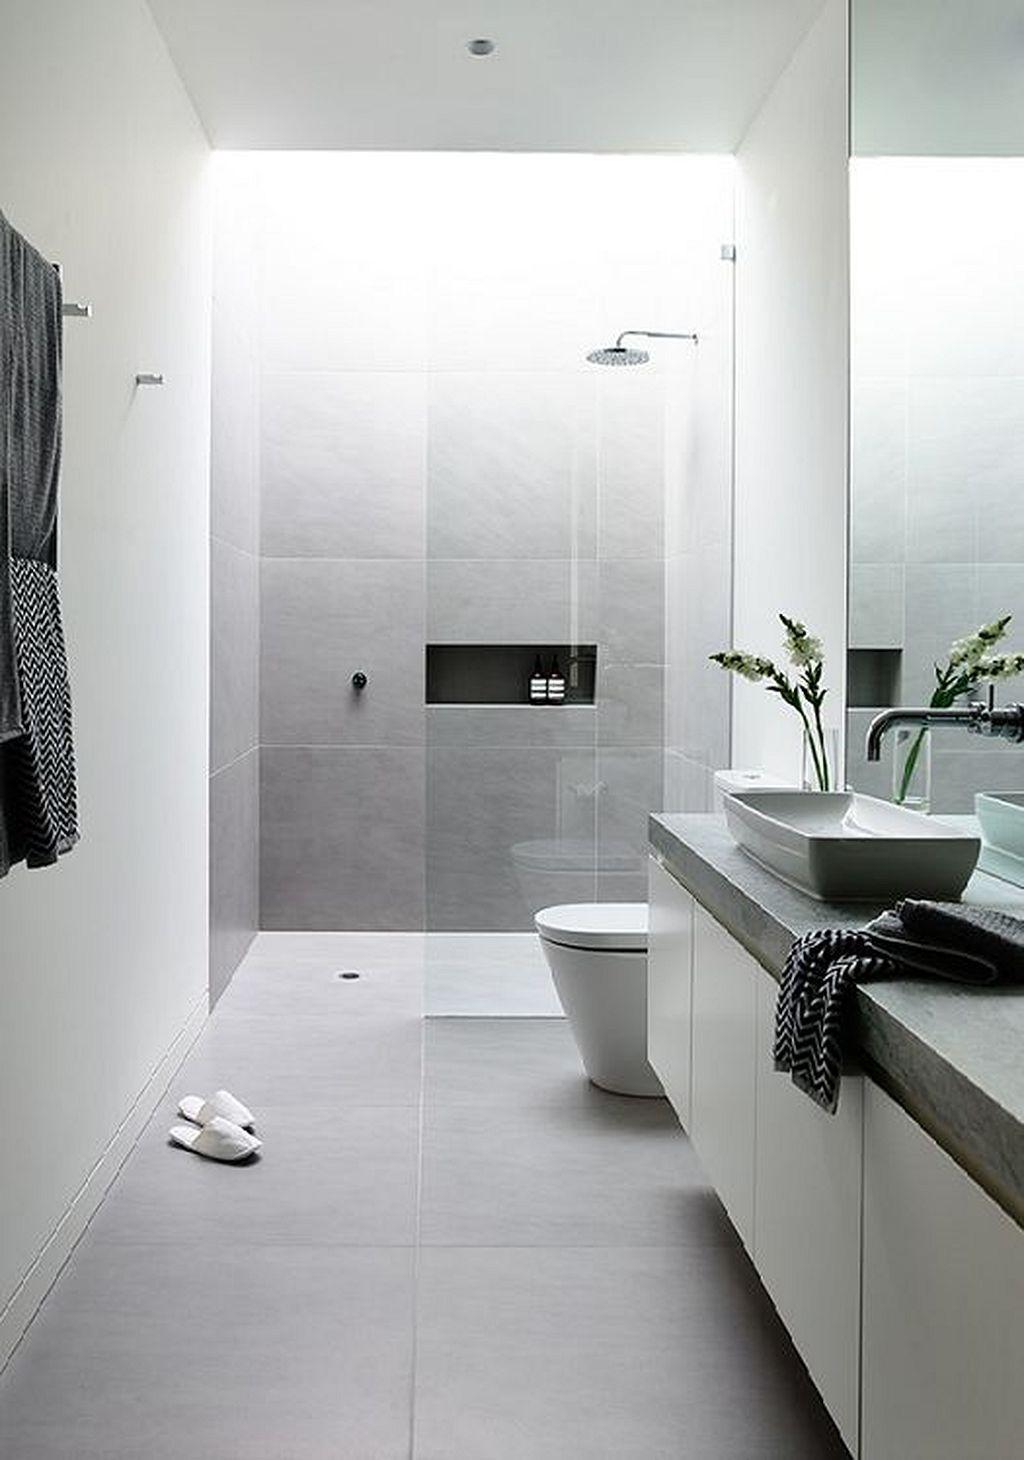 Best bathroom interior besty  modern minimalist interior design inspiration